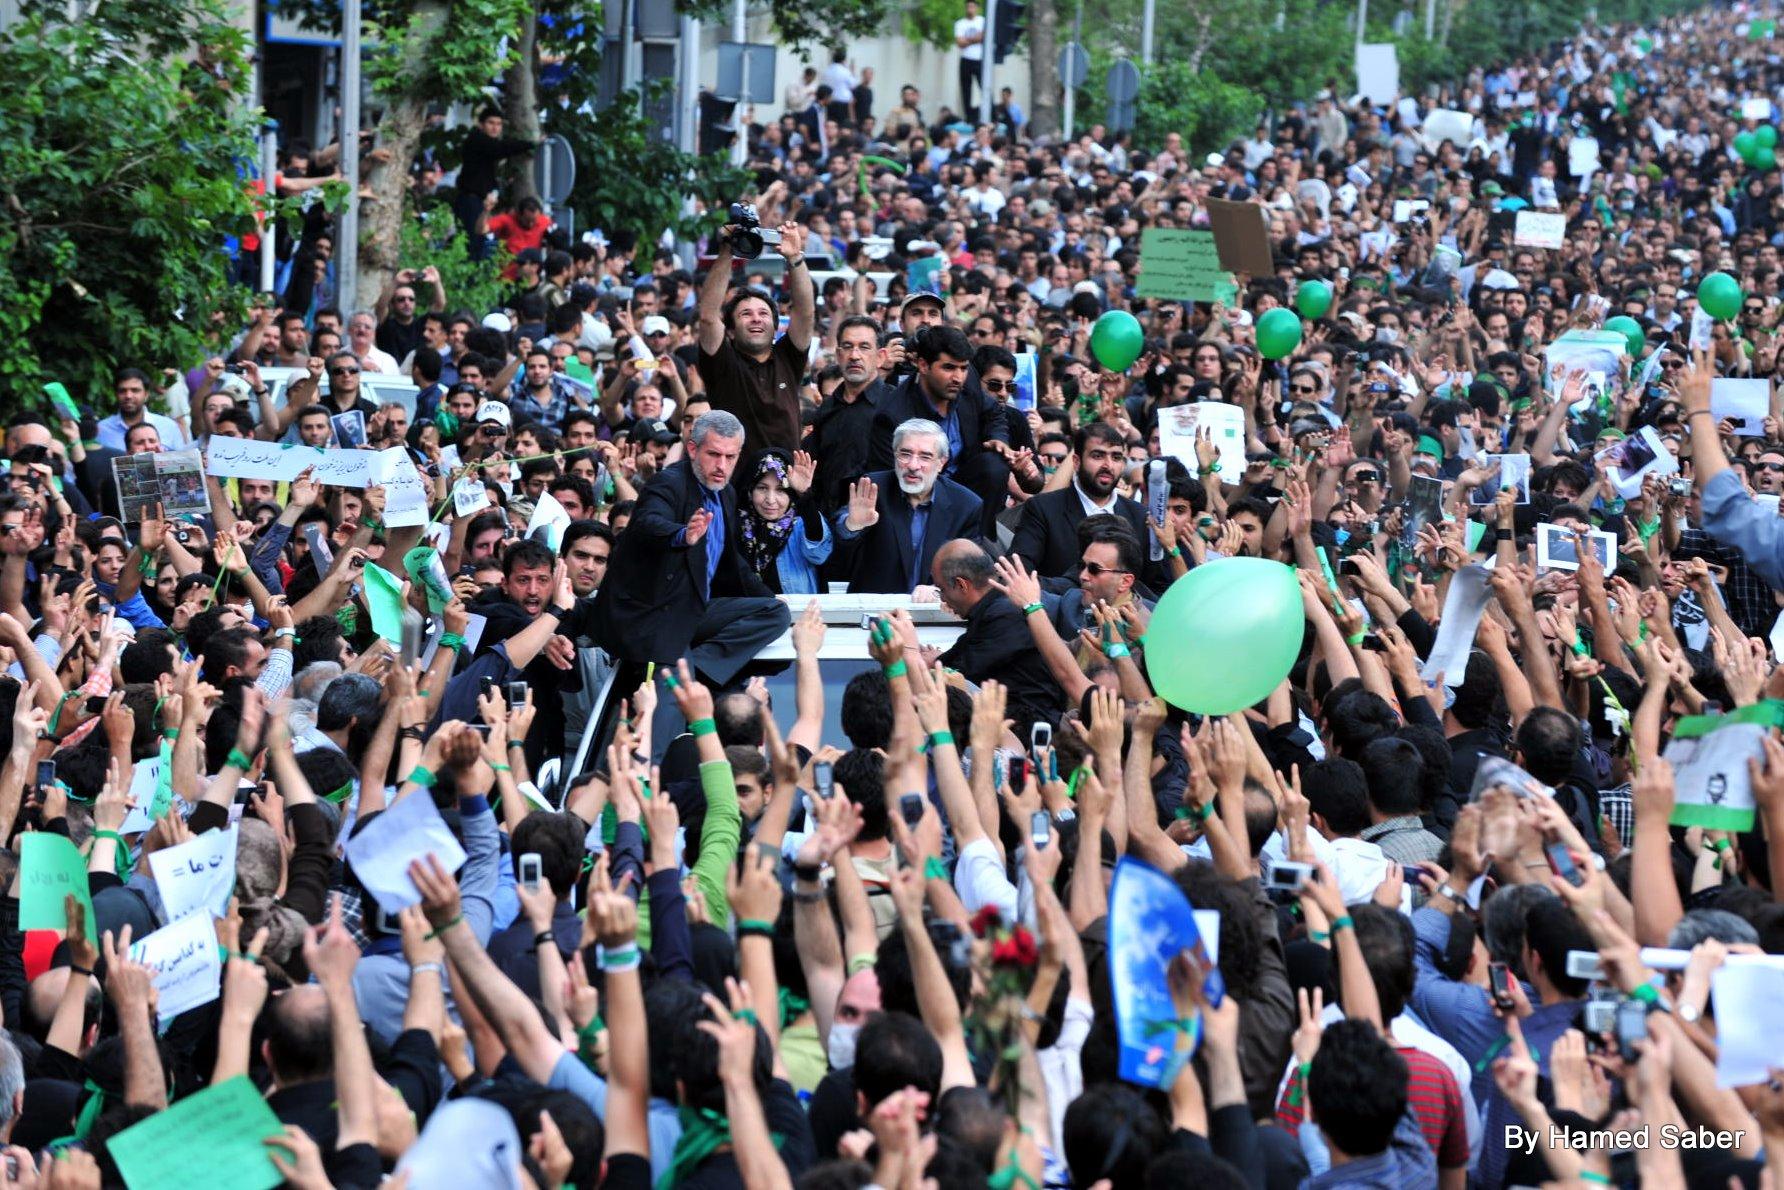 В Тегеране несколько тысяч человек вышли на демонстрации под лозунгами «Долой диктатора!» и «Смерть диктатору!». Мусави заявил, что будет добиваться перевыборов, июнь 2009-го